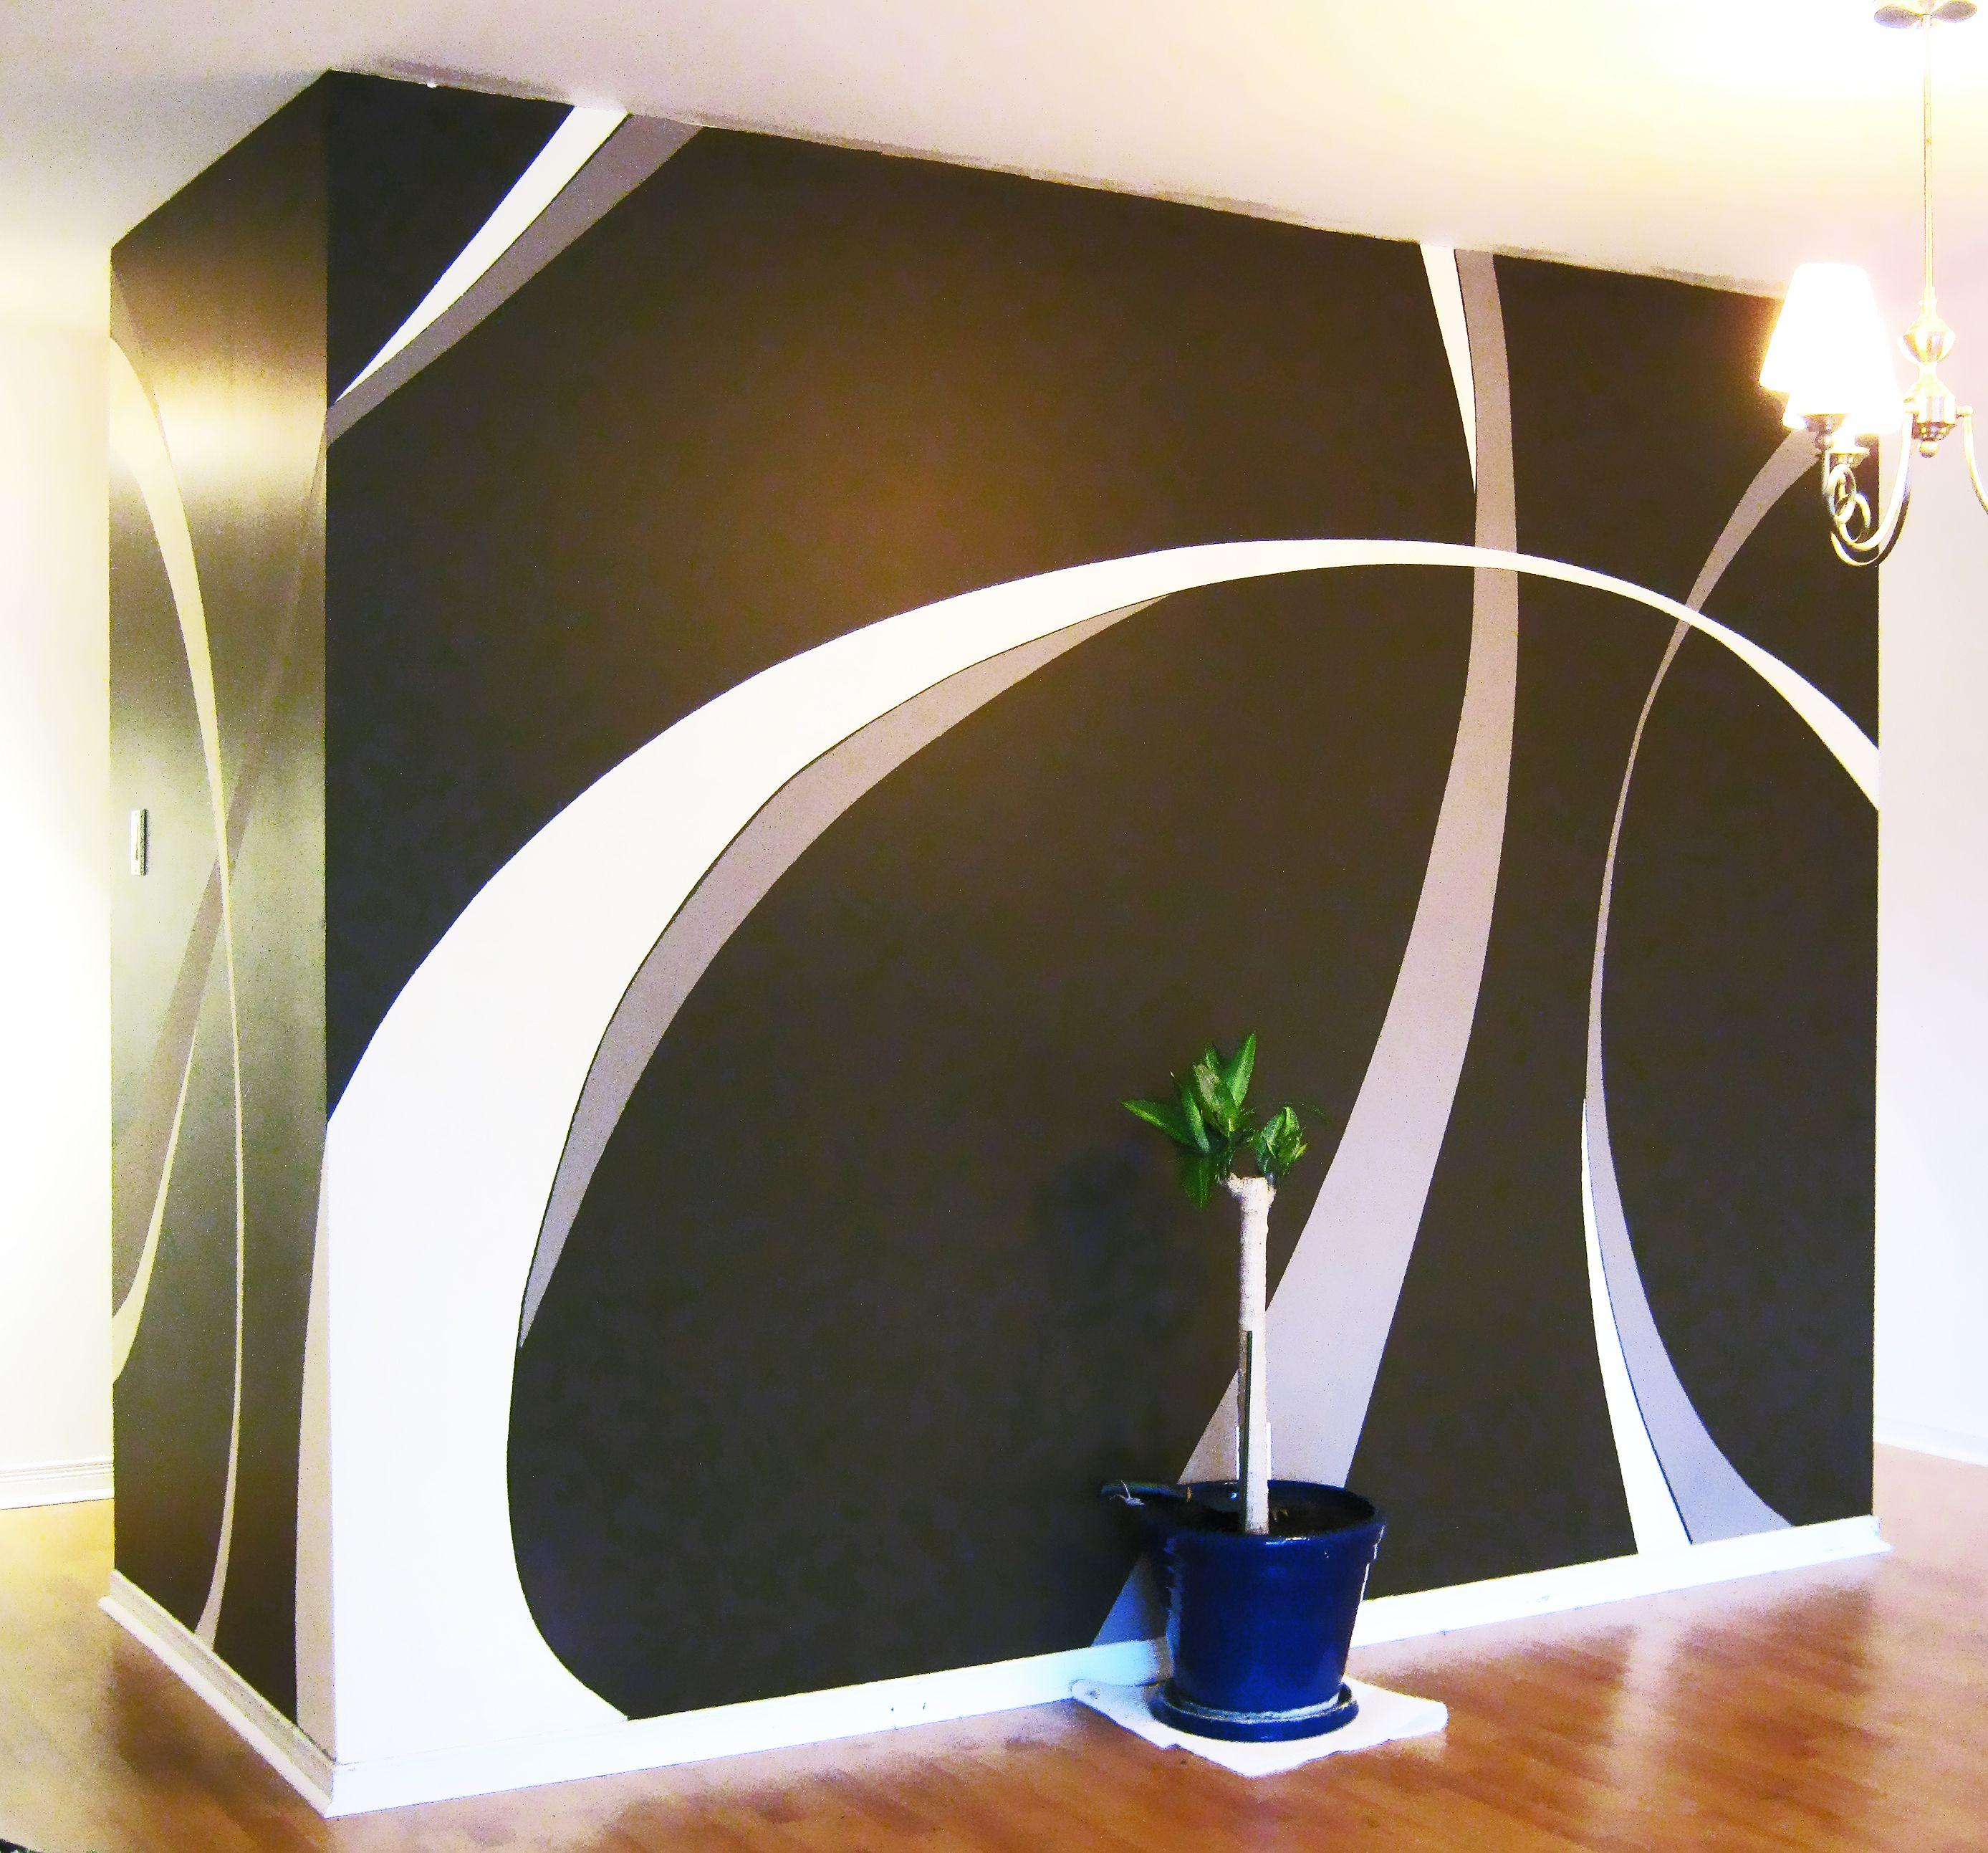 Orig00 Deviantart Net 8777 F 2010 011 D 6 Wall Paint Design By Saadcreative Jpg Kreative Wandmalerei Wandmalerei Ideen Malerei Schlafzimmer Wande